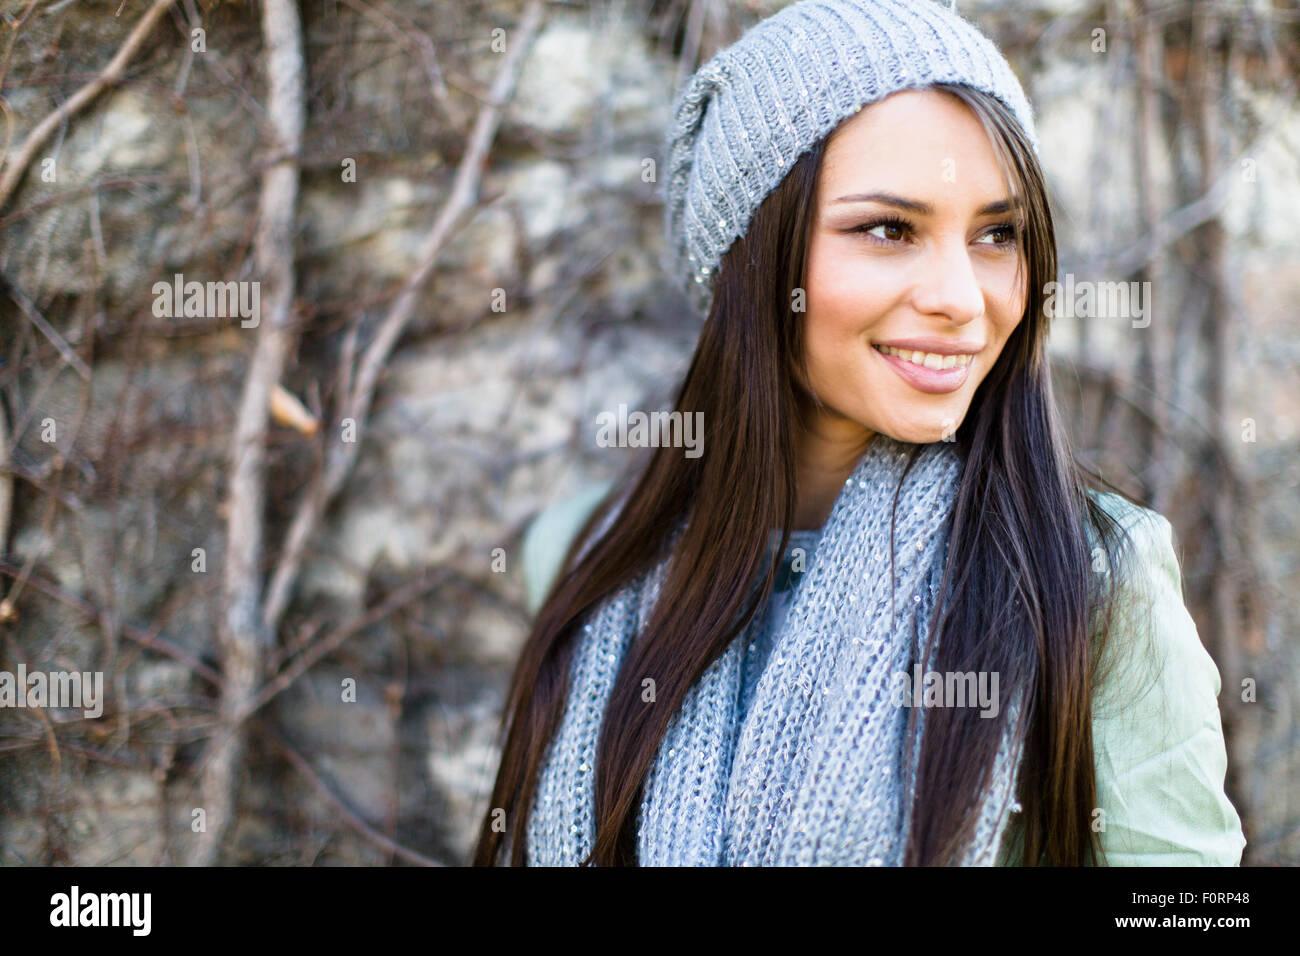 Retrato de una mujer sonriente en invierno Imagen De Stock